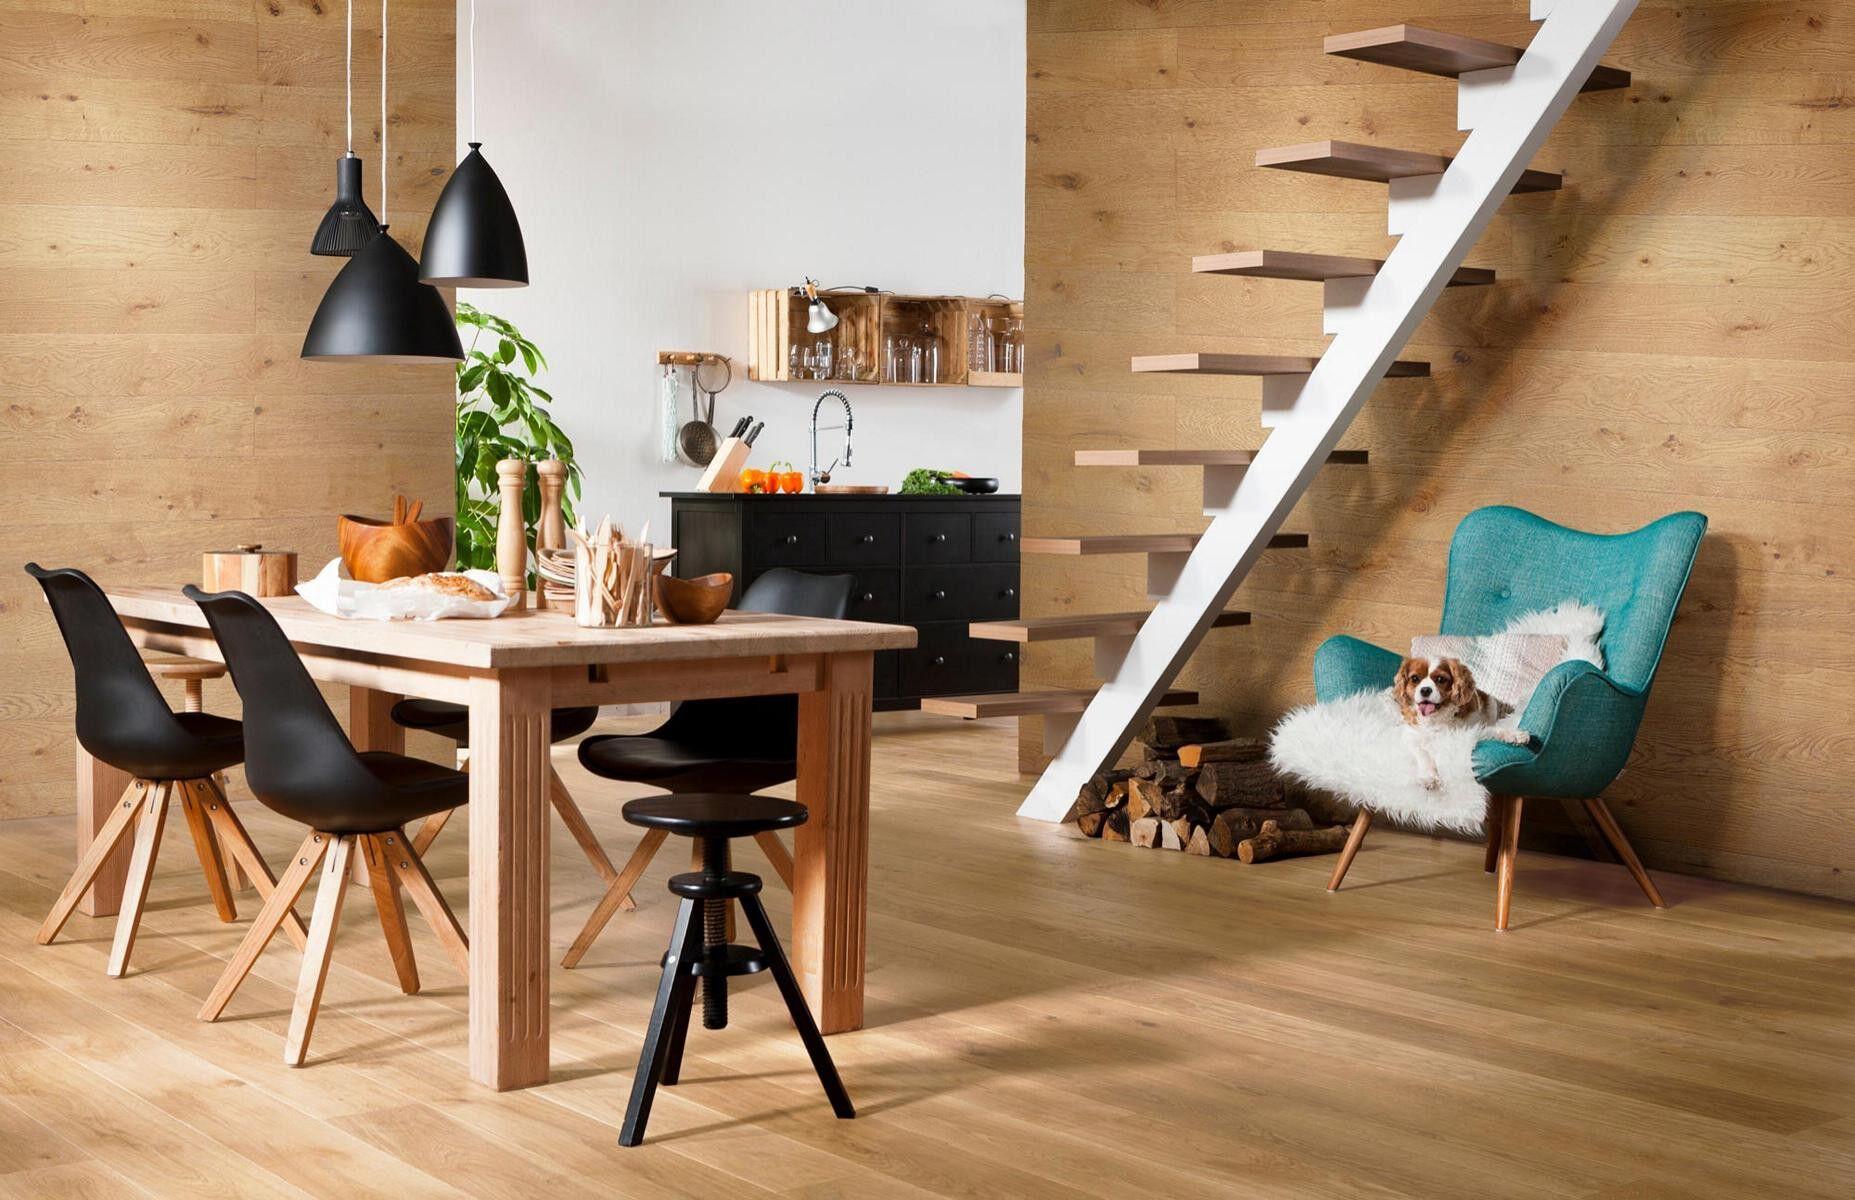 Holztapete in moderner Einrichtung